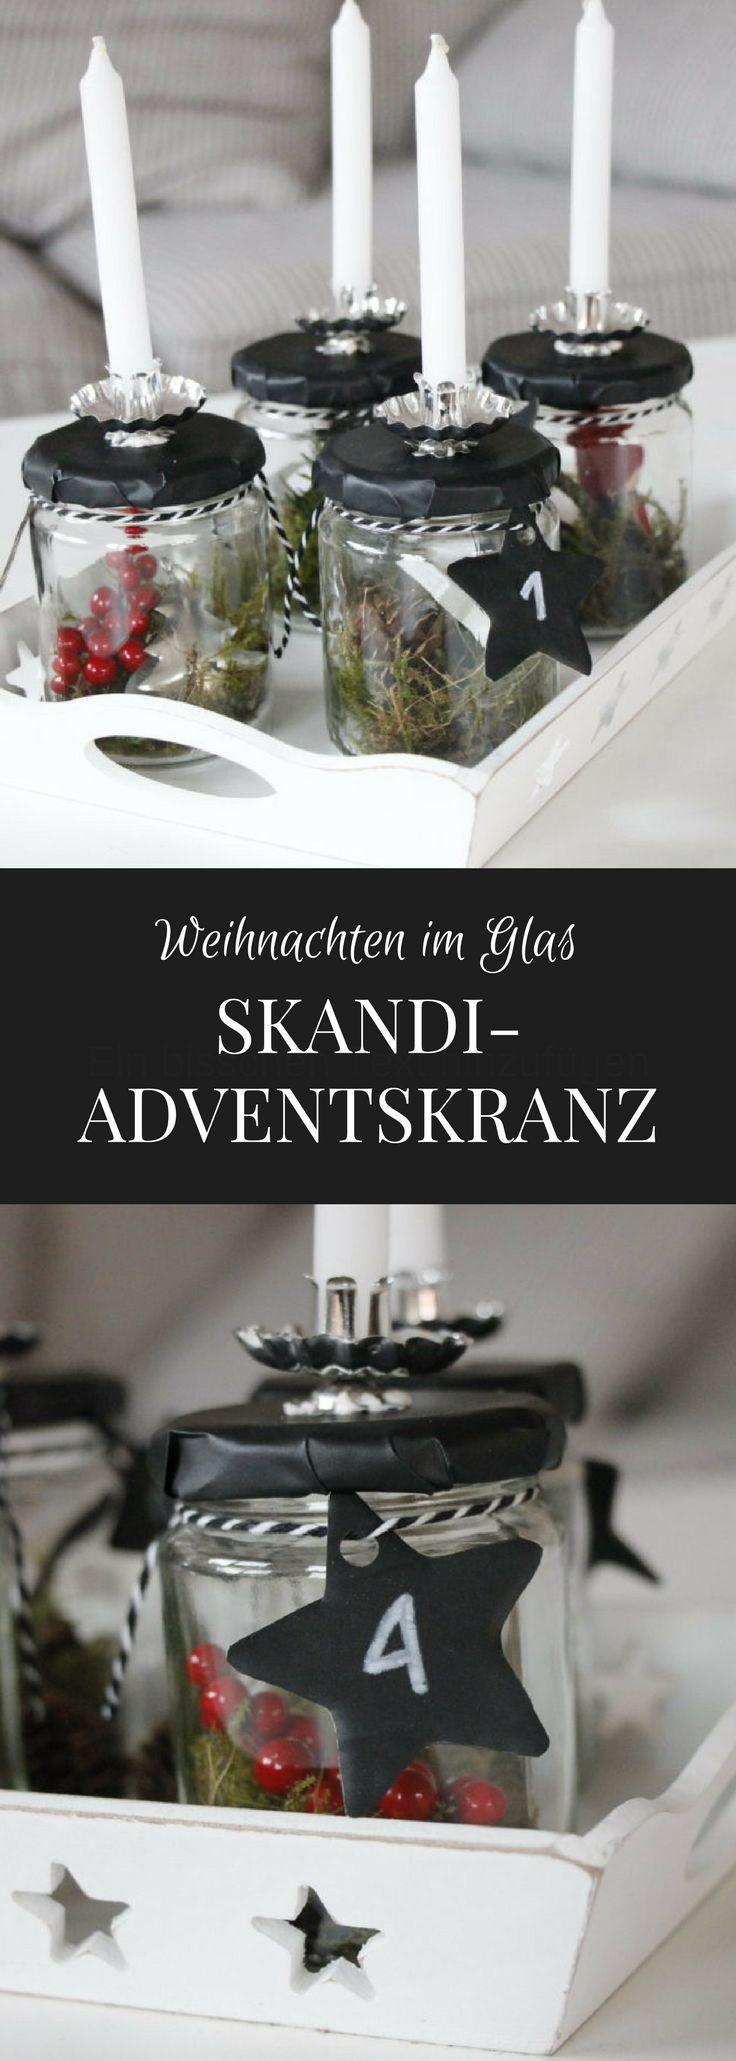 Skandinavischer Adventskranz im Glas